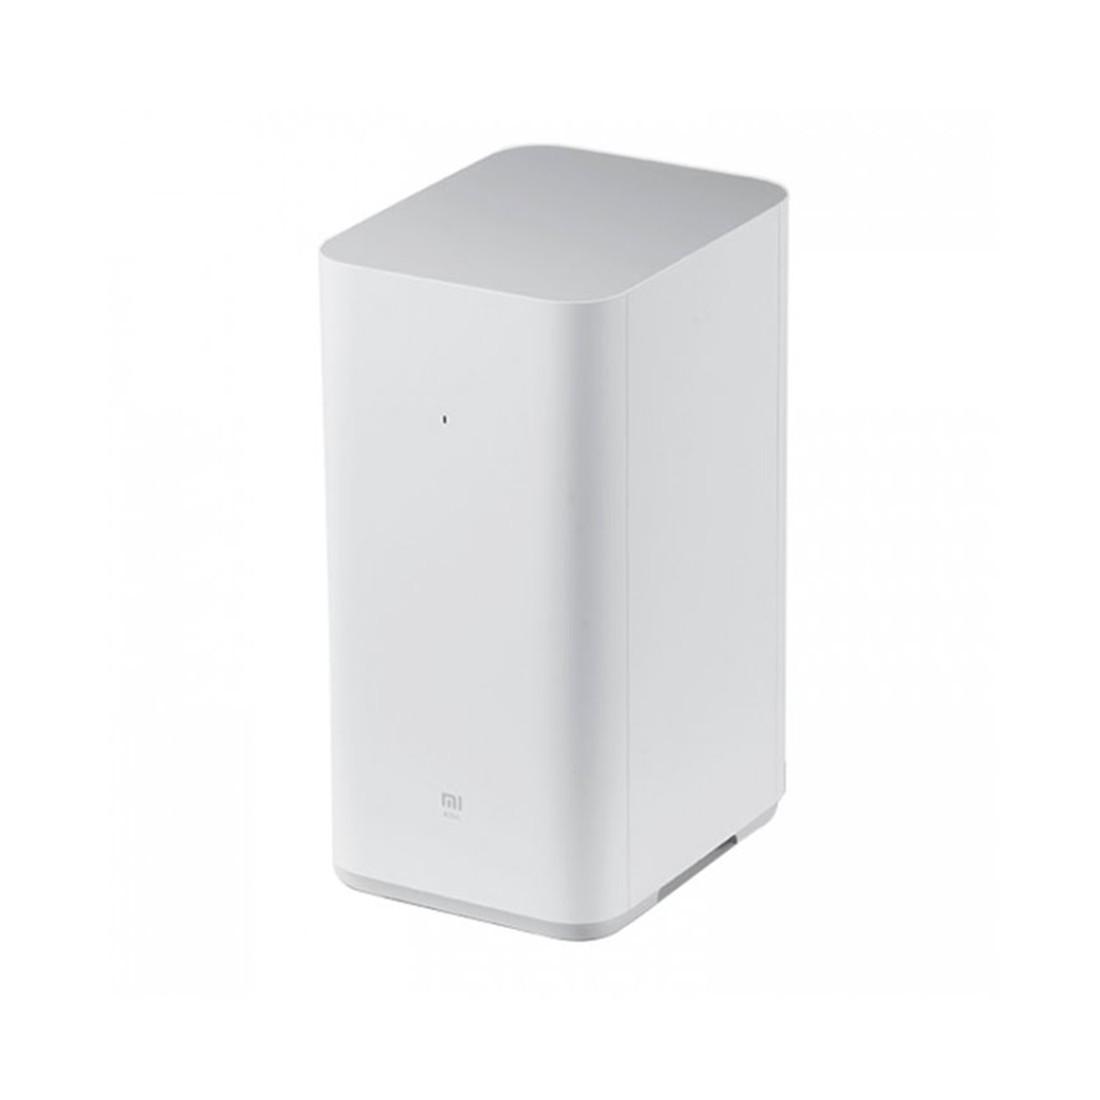 Очиститель воды Mi Water Purifier (400G) (Above Sink)